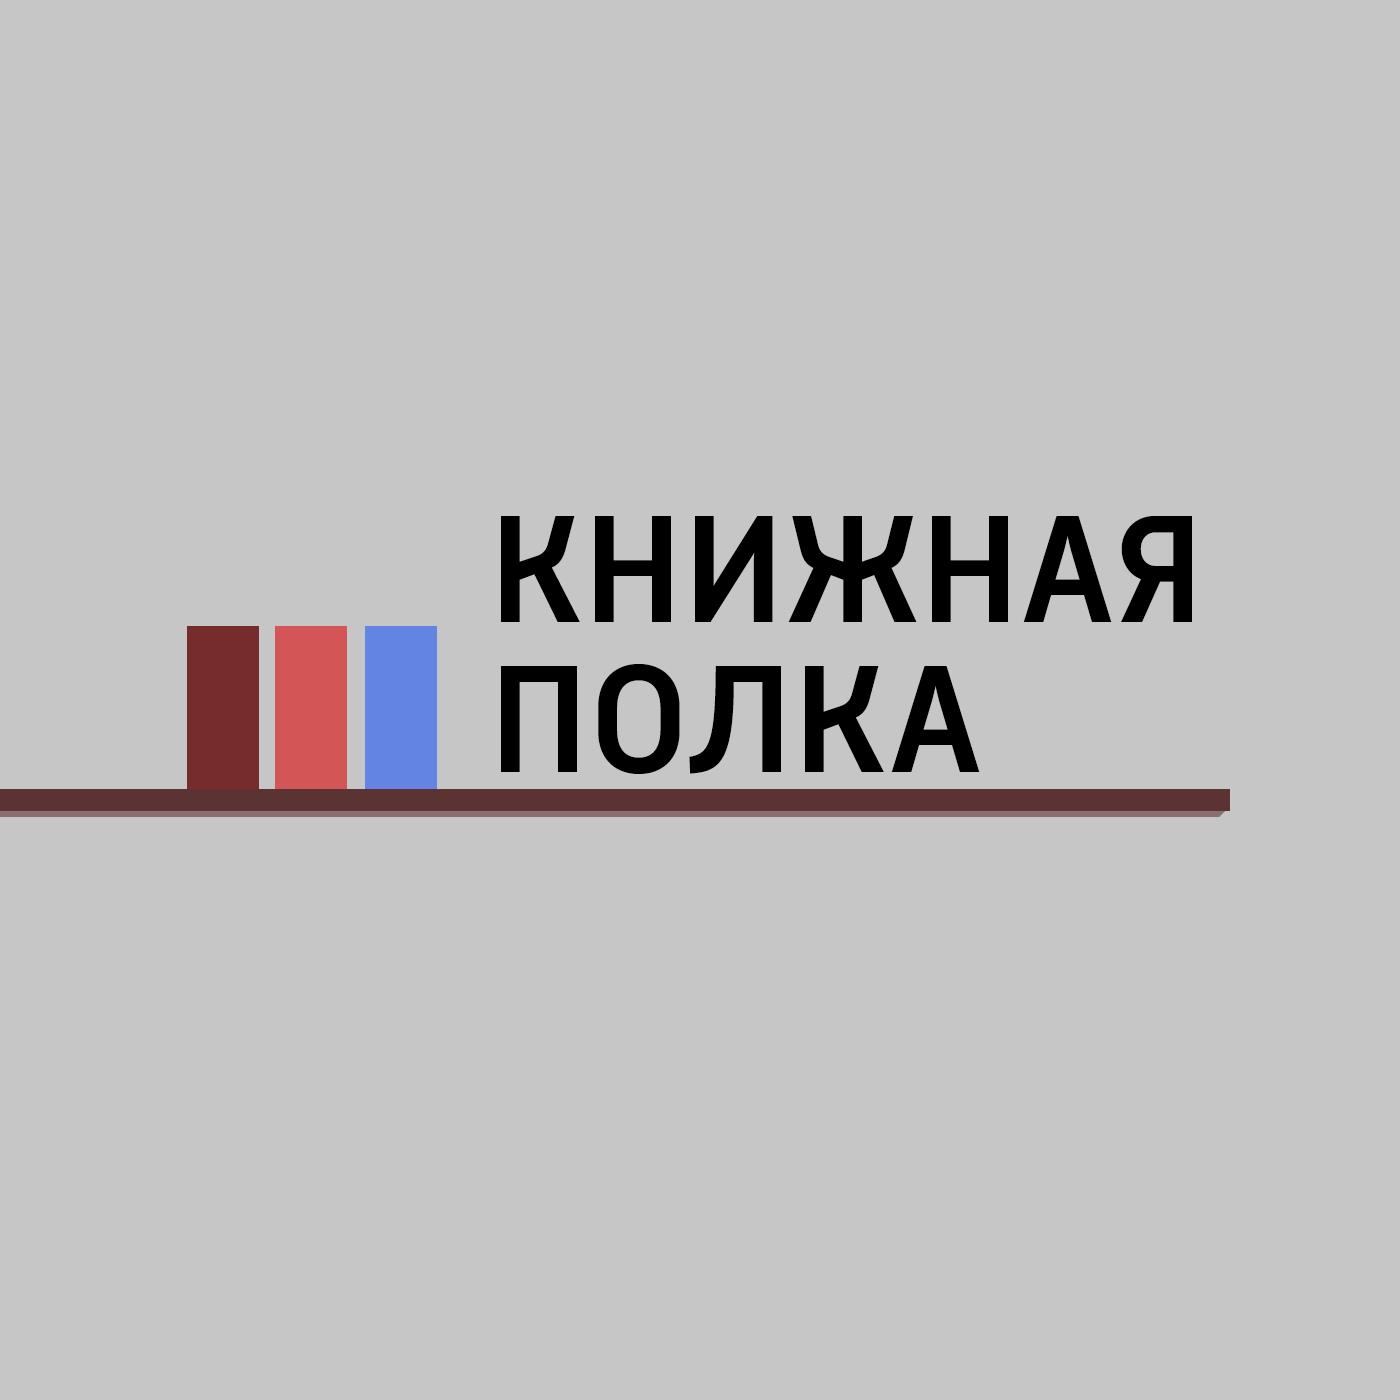 Маргарита Митрофанова Московская международная выставка-ярмарка для презентации на выставке